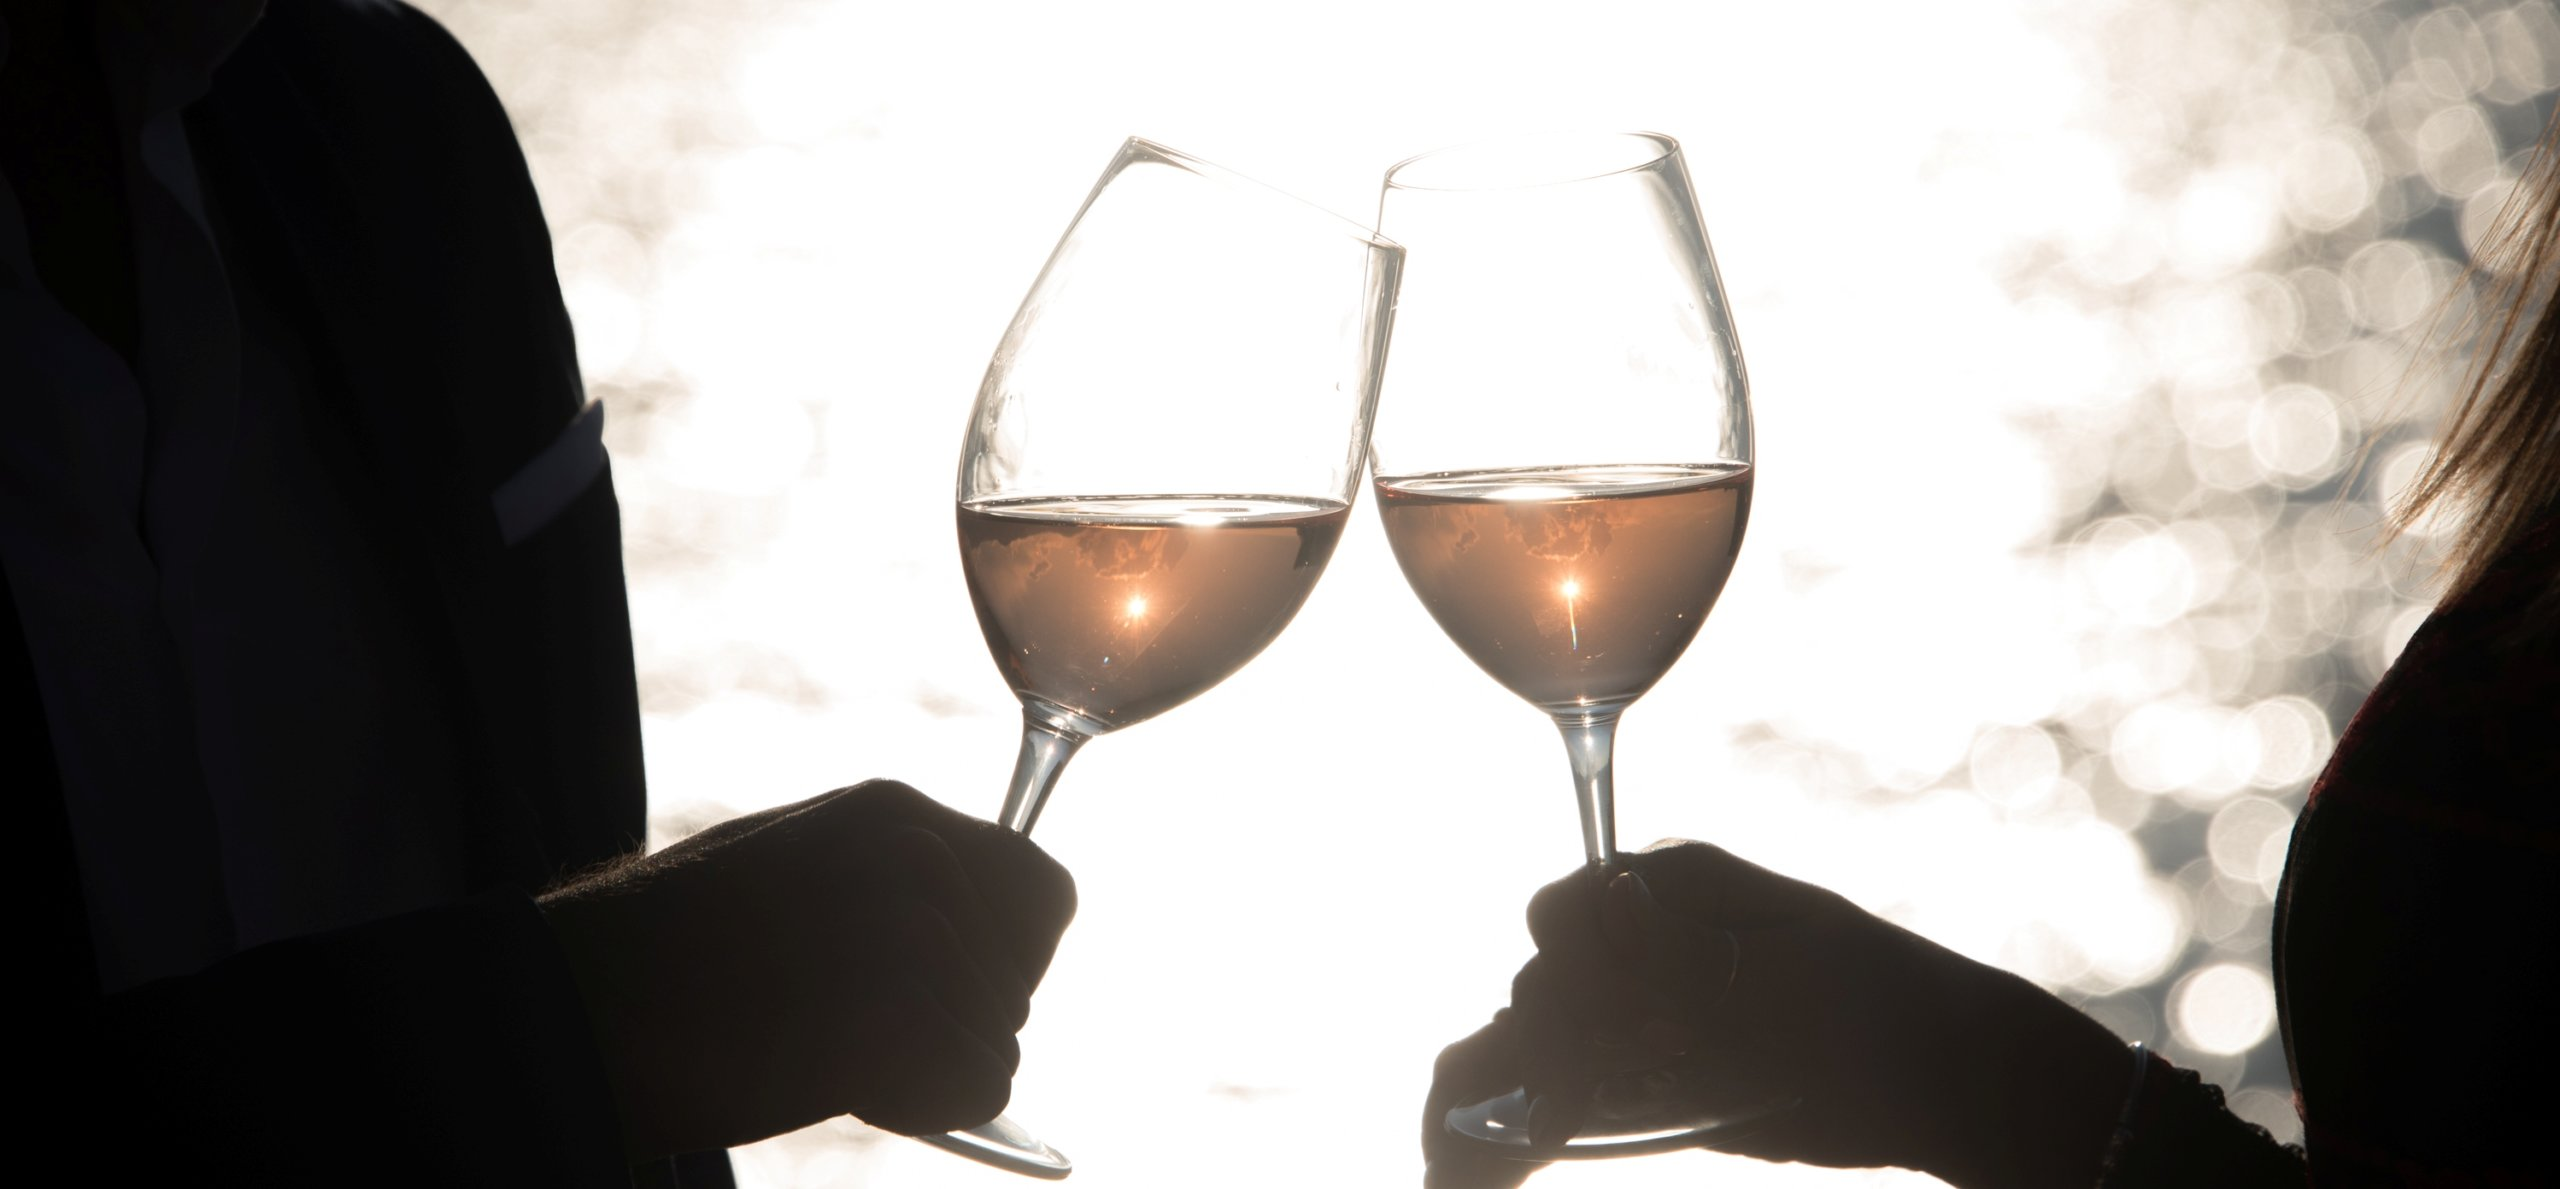 bere in rosa vino chiaretto bardolino